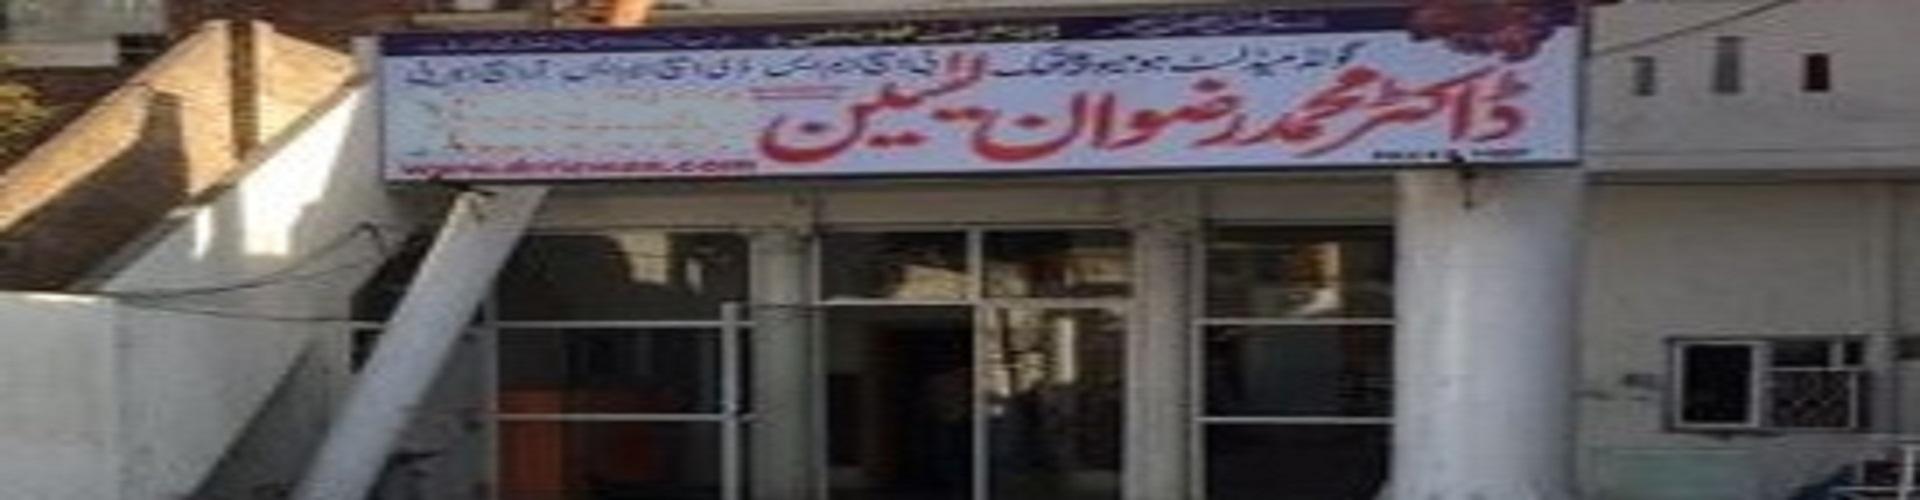 Dr. rizwan yaseen clinic